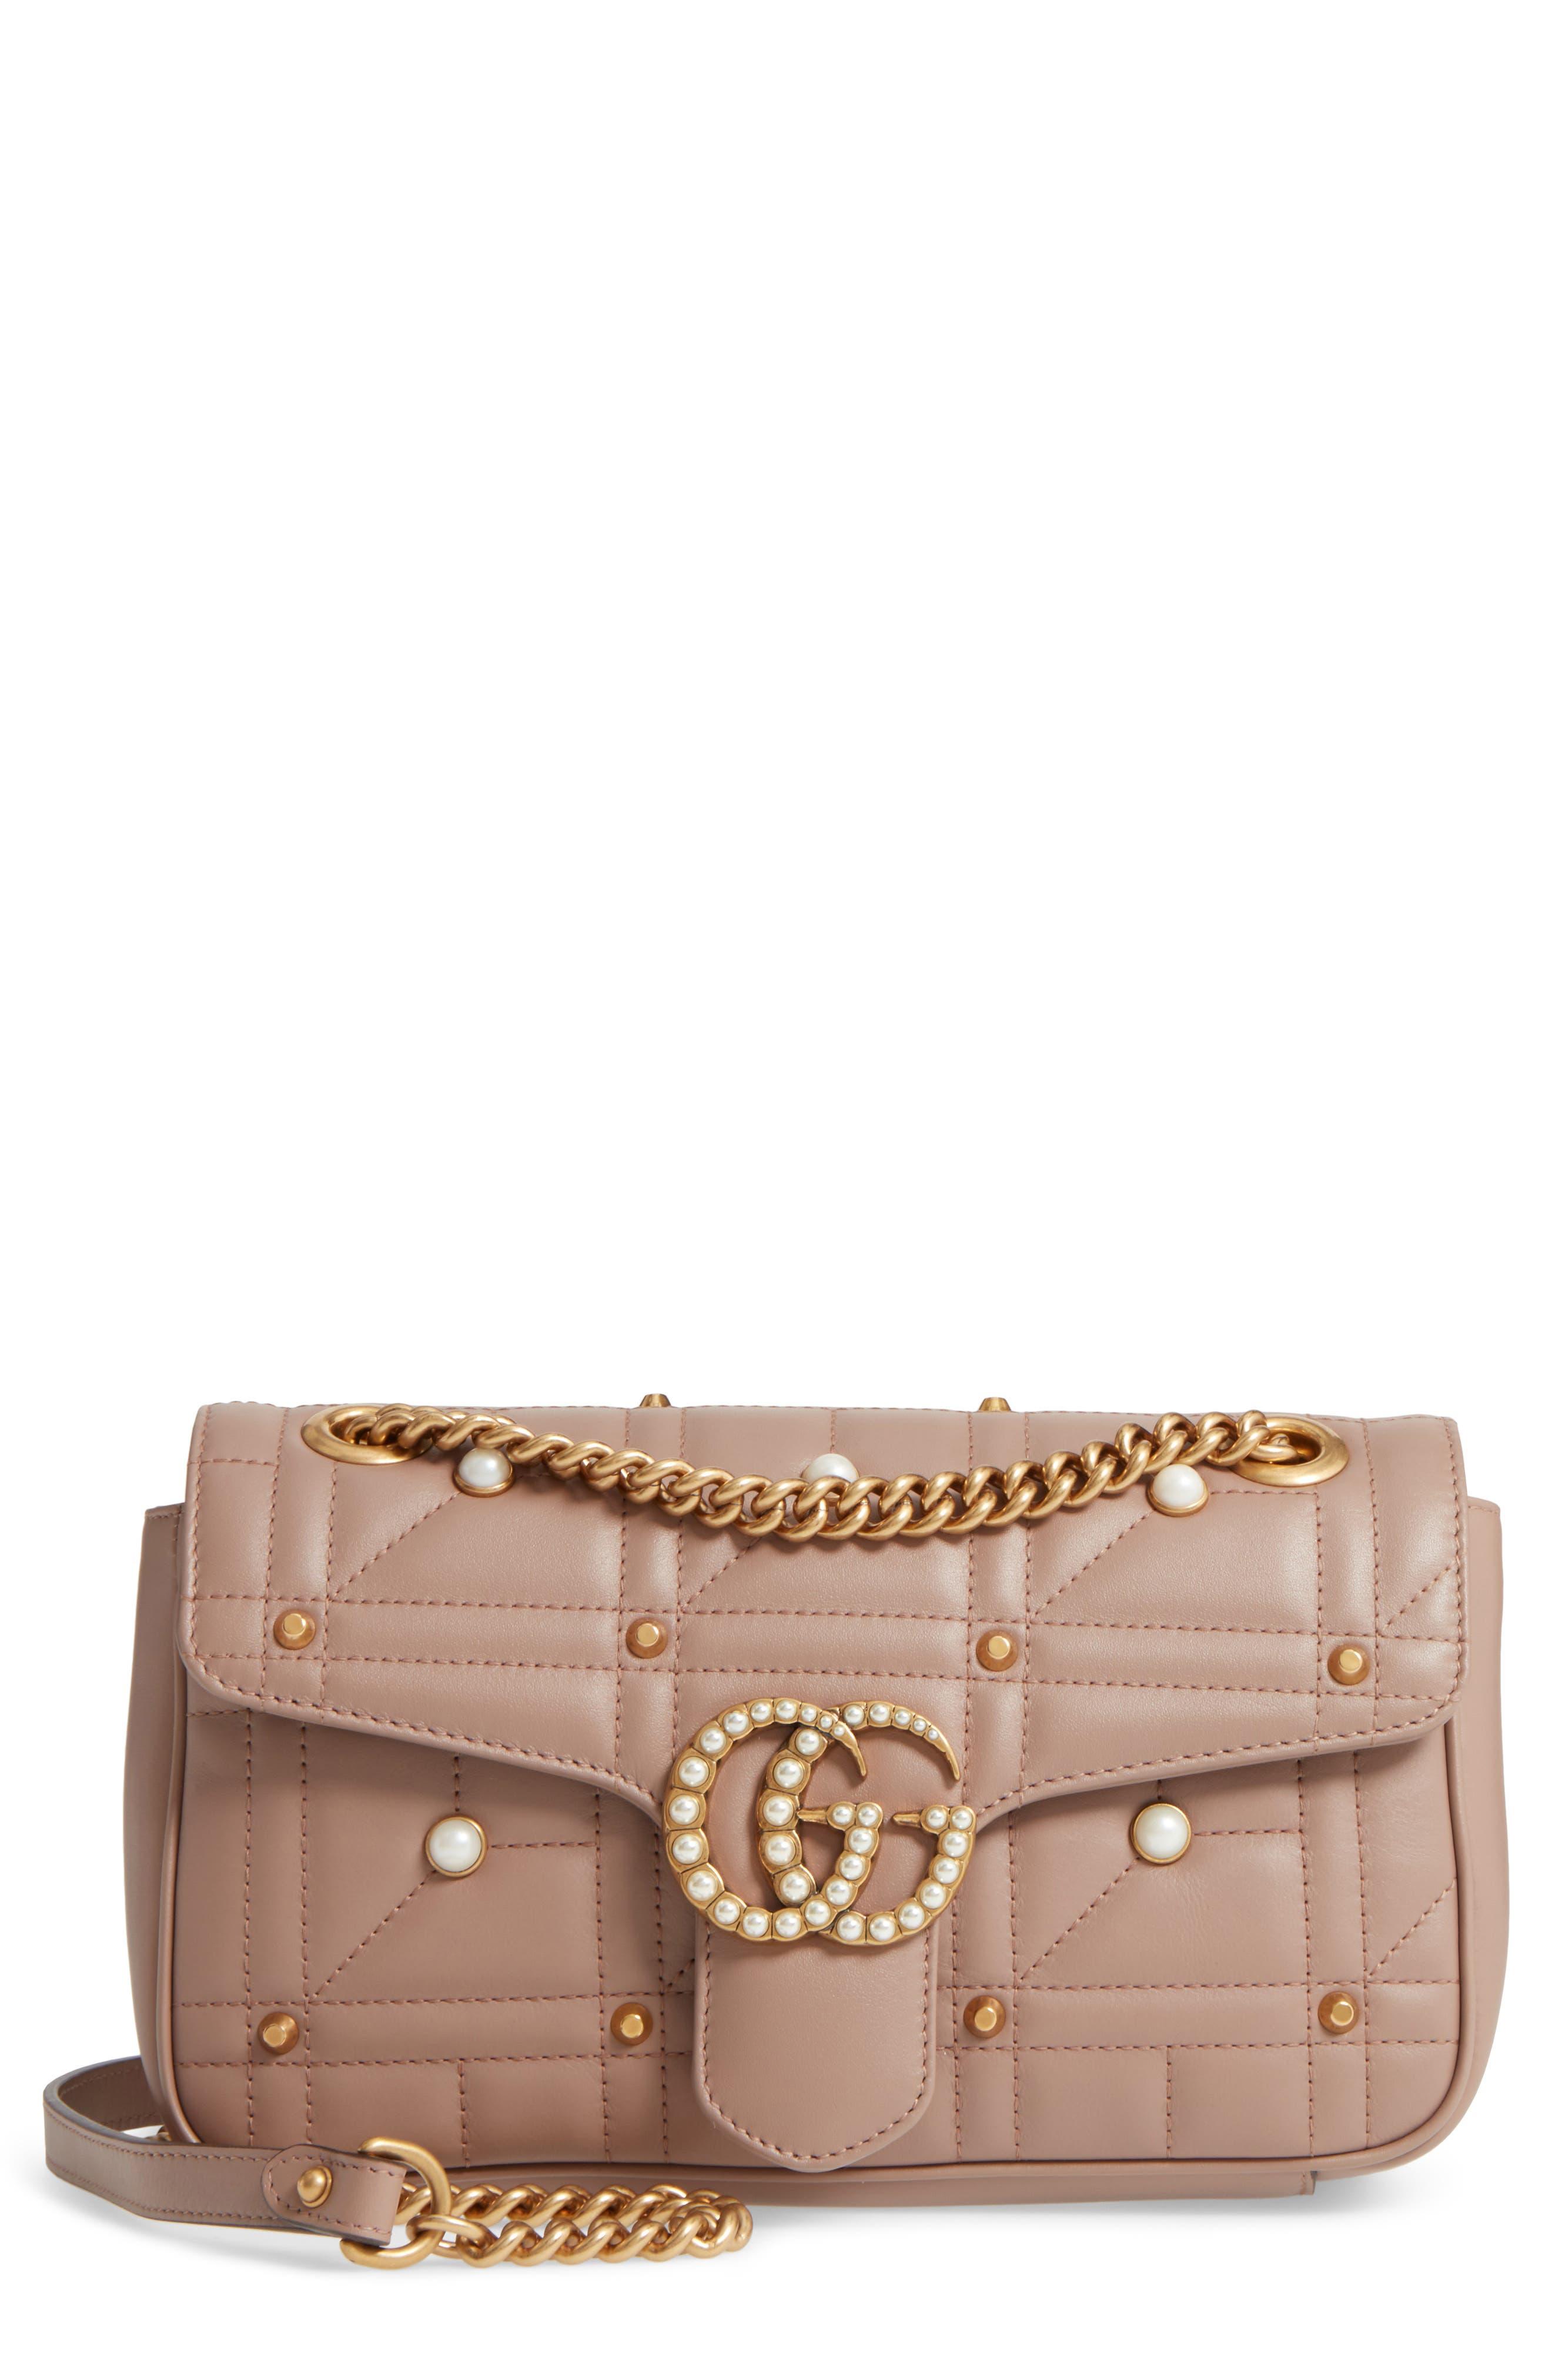 GG Marmont Matelassé Imitation Pearl Leather Shoulder Bag,                             Main thumbnail 2, color,